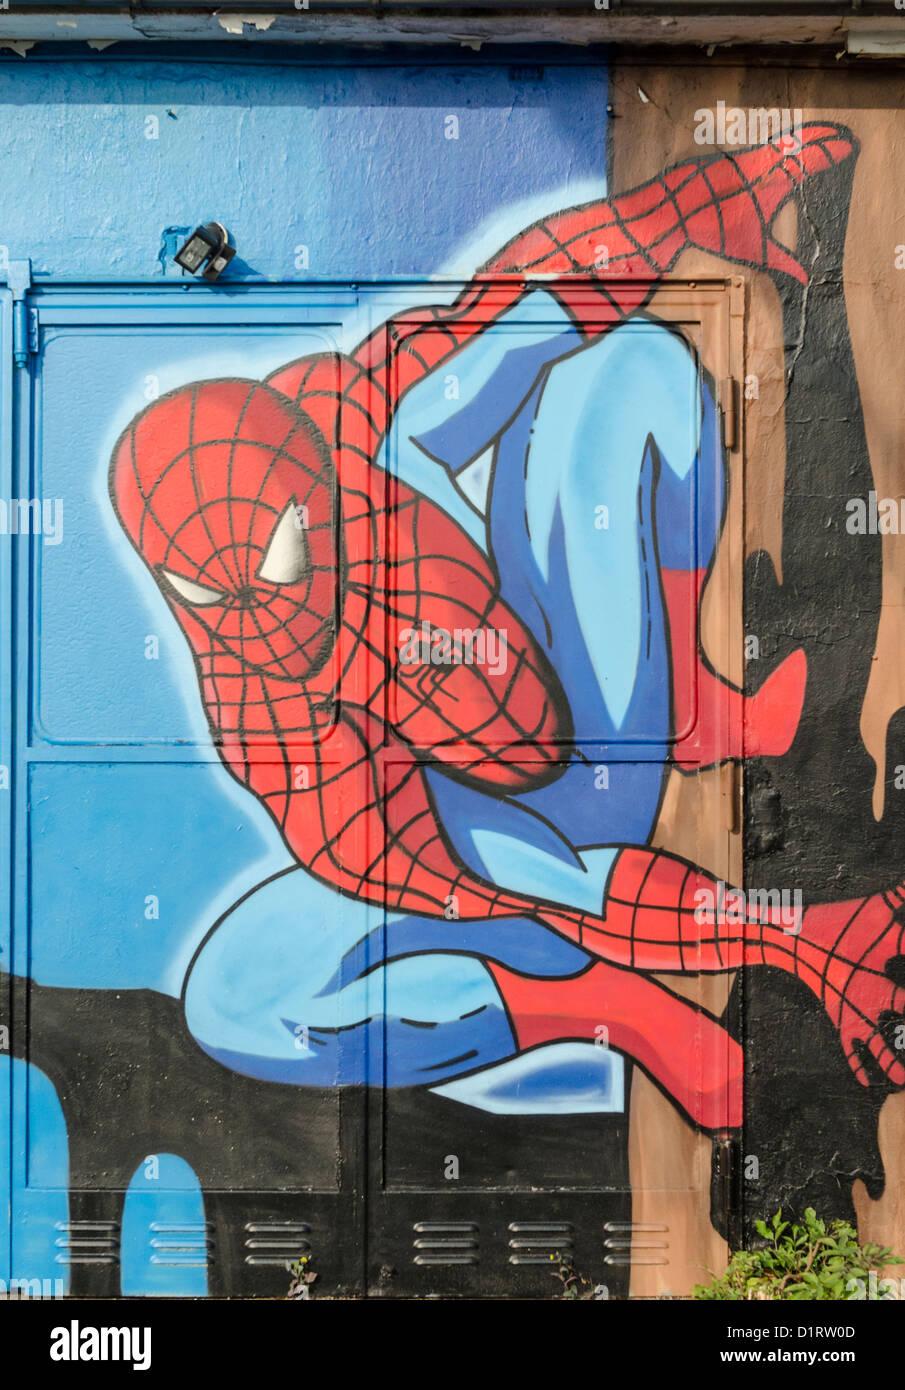 Spiderman graffiti mural stock photo royalty free image for Graffiti mural